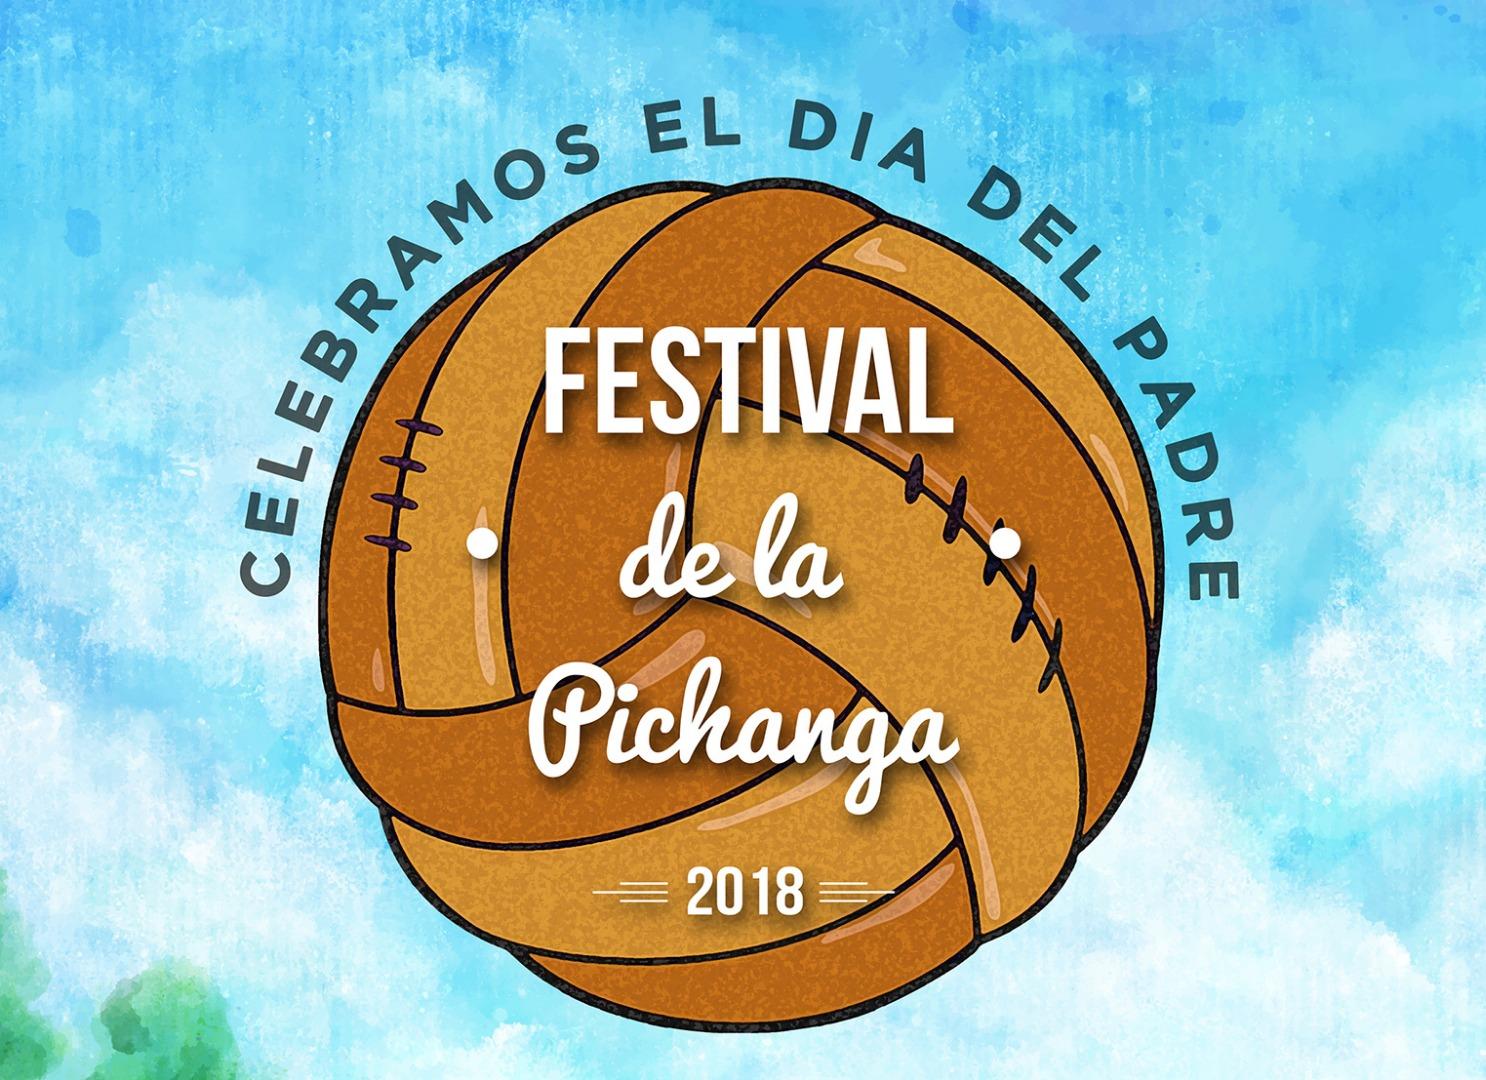 Festival de la Pichanga